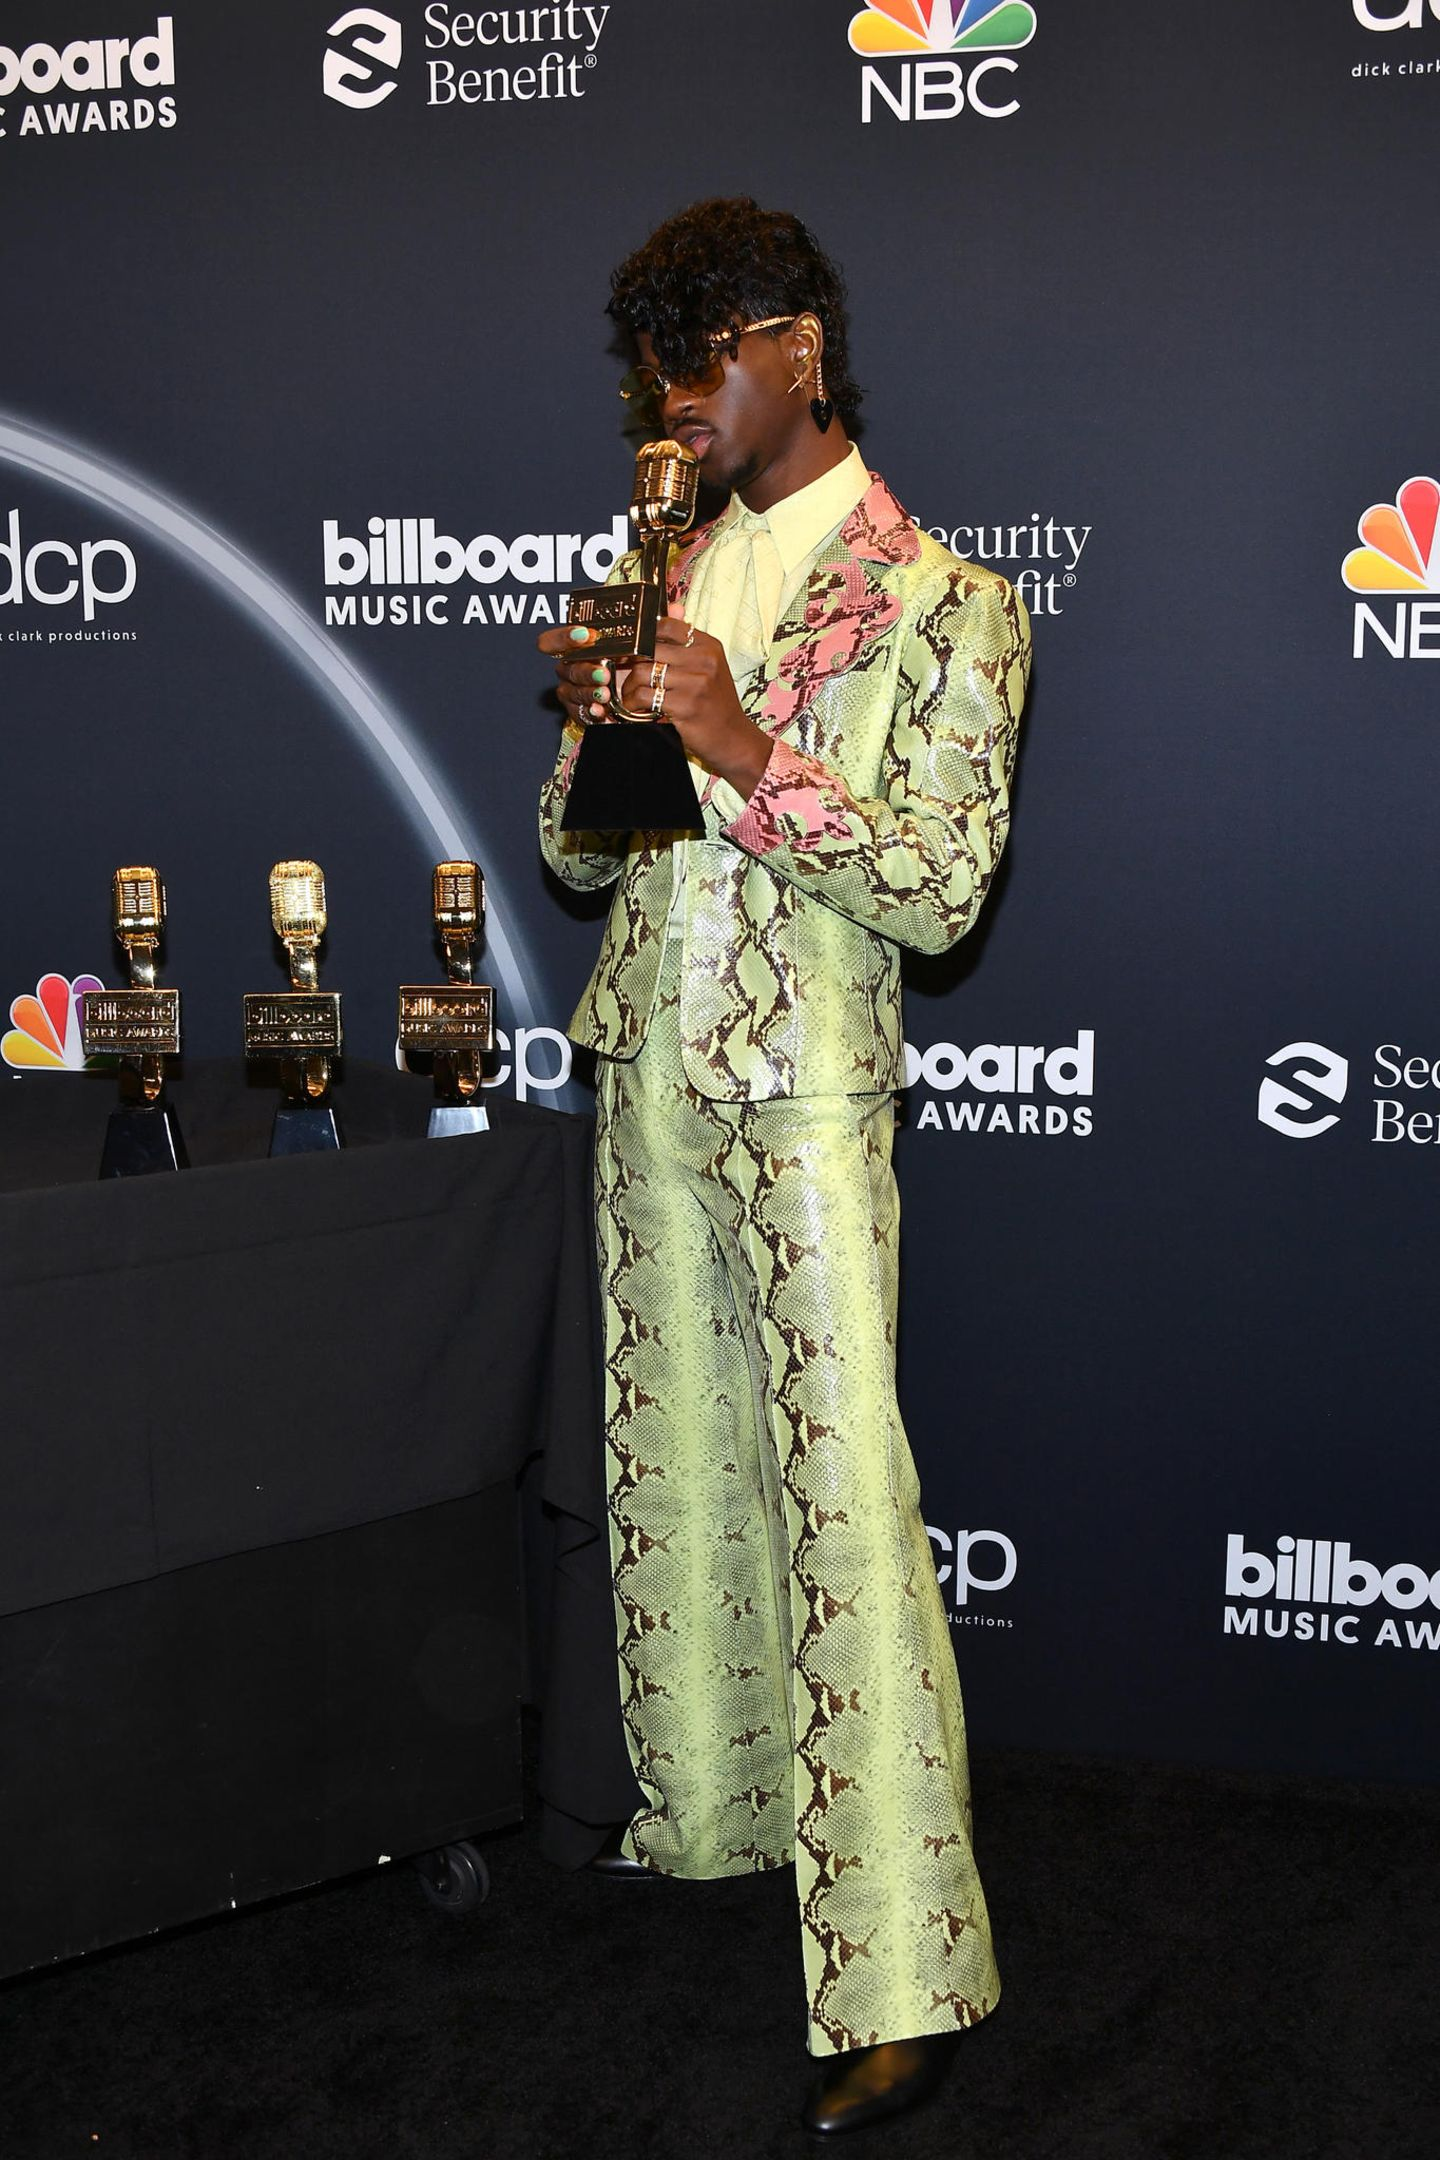 Rapper Lil Nas macht den Damen in seinem neongrünen Anzug von Gucci Konkurrenz. Das Outfit in Schlangenoptik ist gewagt, steht dem extrovertierten Musiker aber ausgezeichnet.